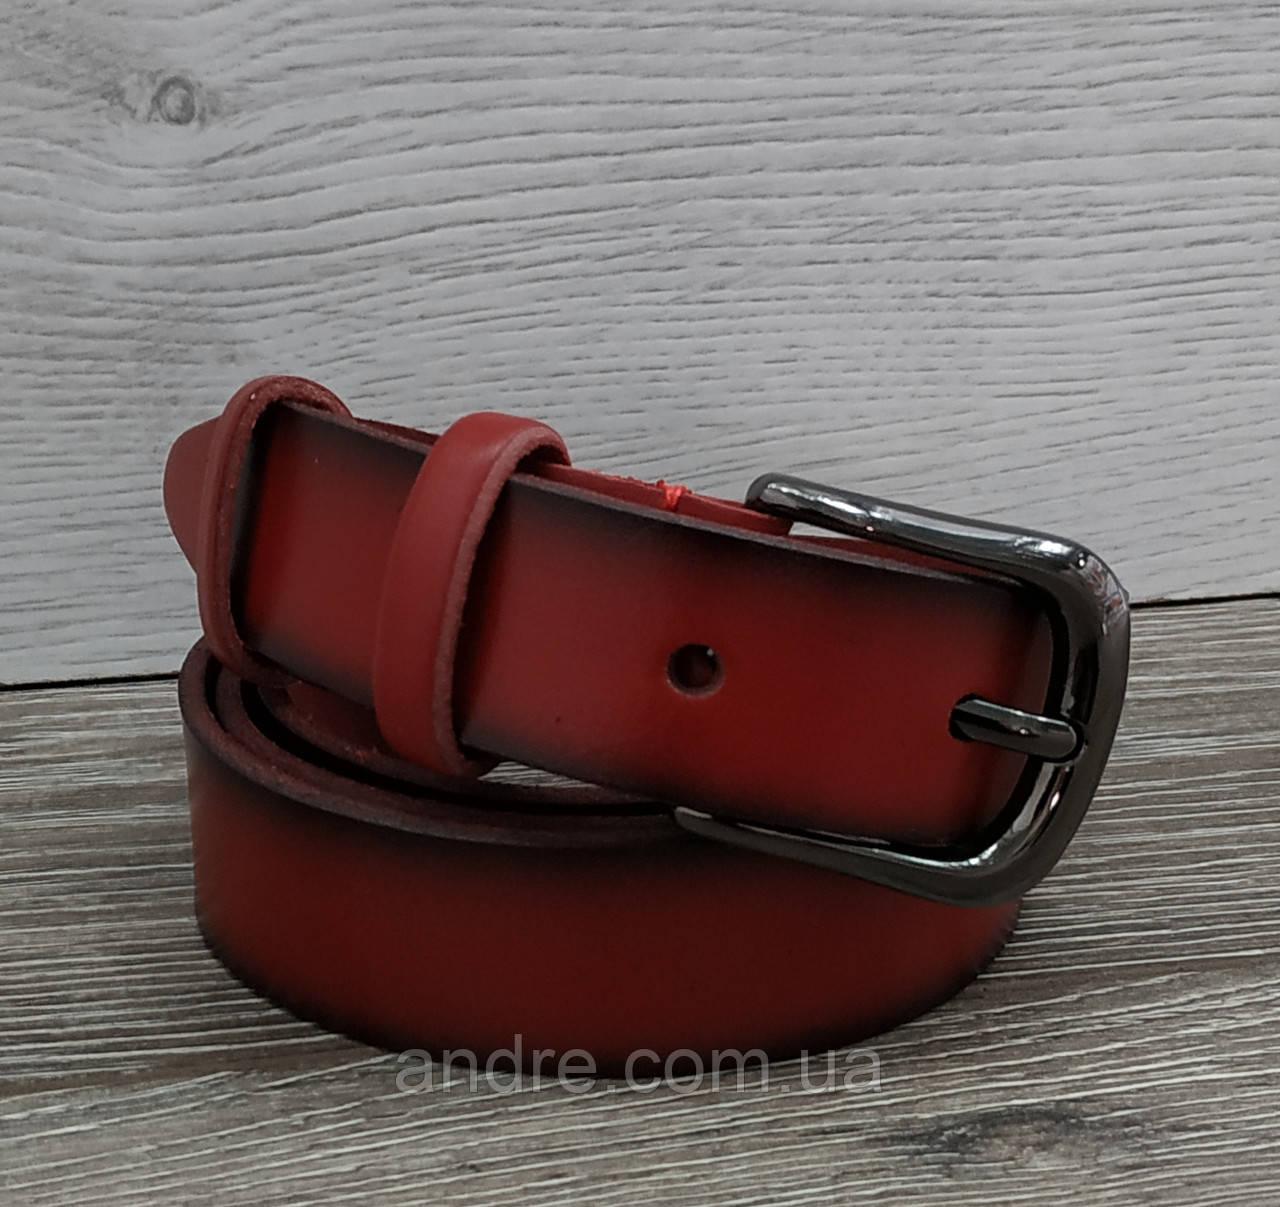 Ремень женский кожаный красный с темными краями